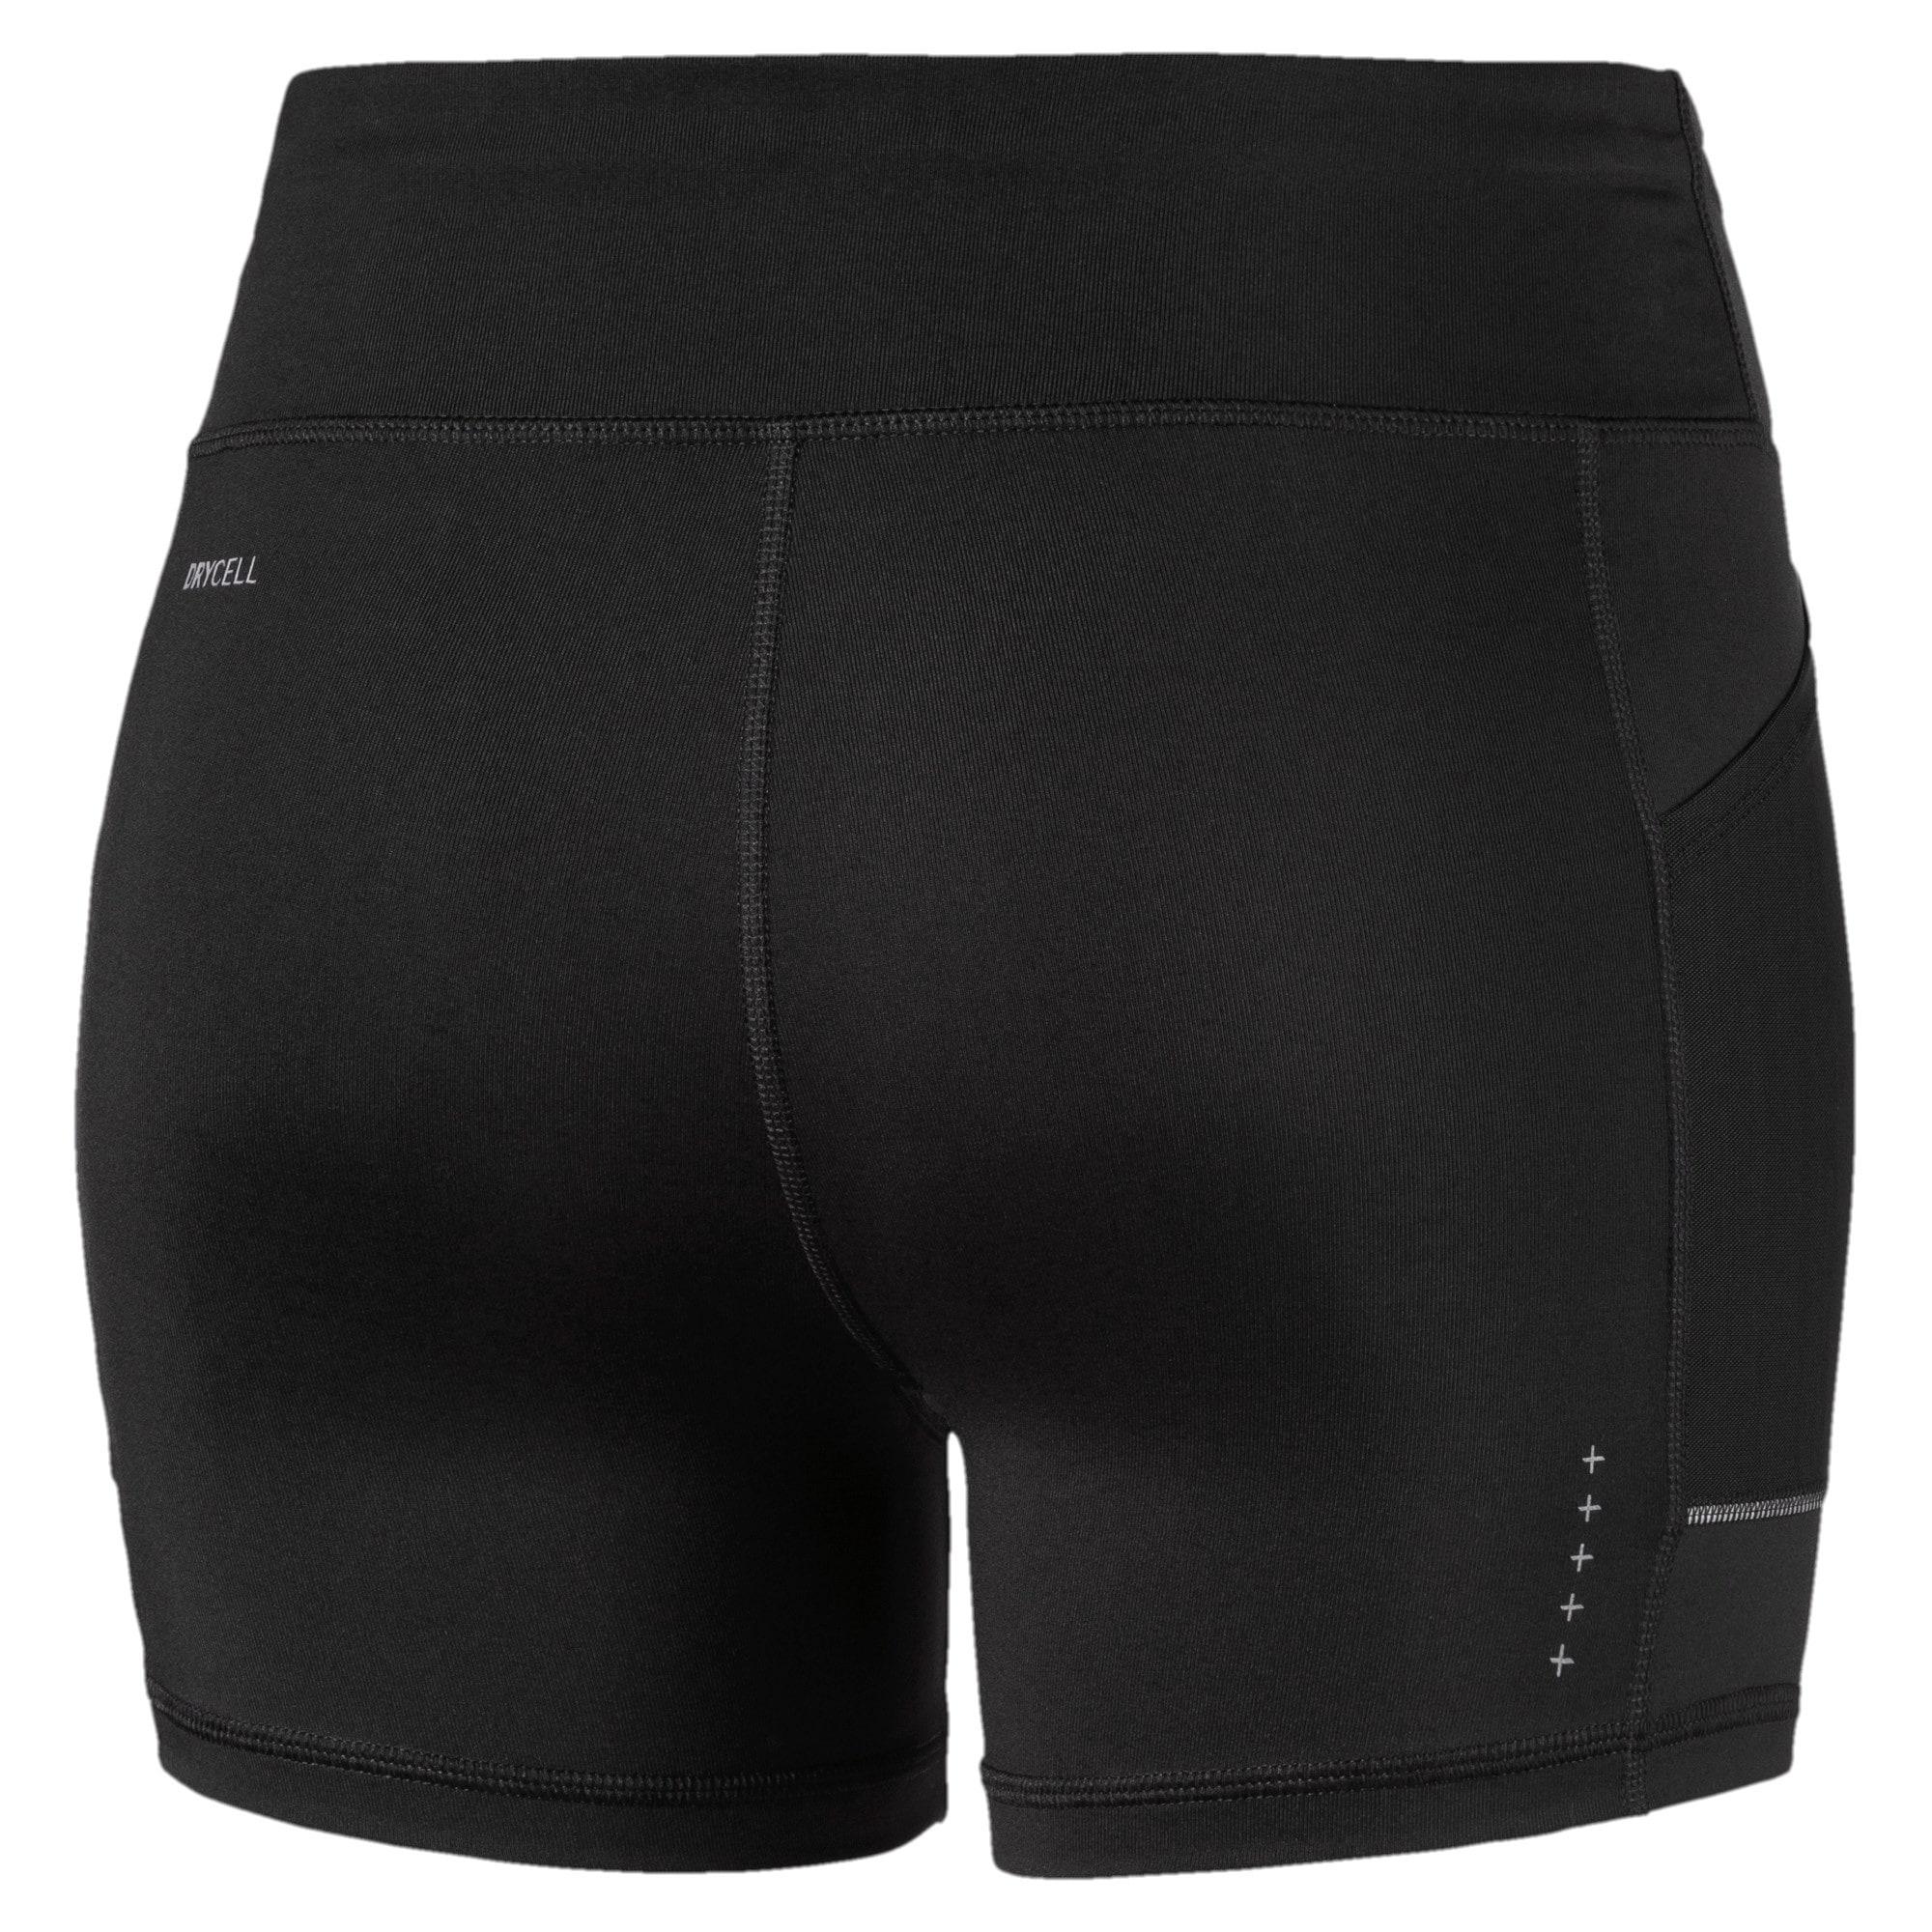 Thumbnail 5 of IGNITE Tight Women's Running Shorts, Puma Black, medium